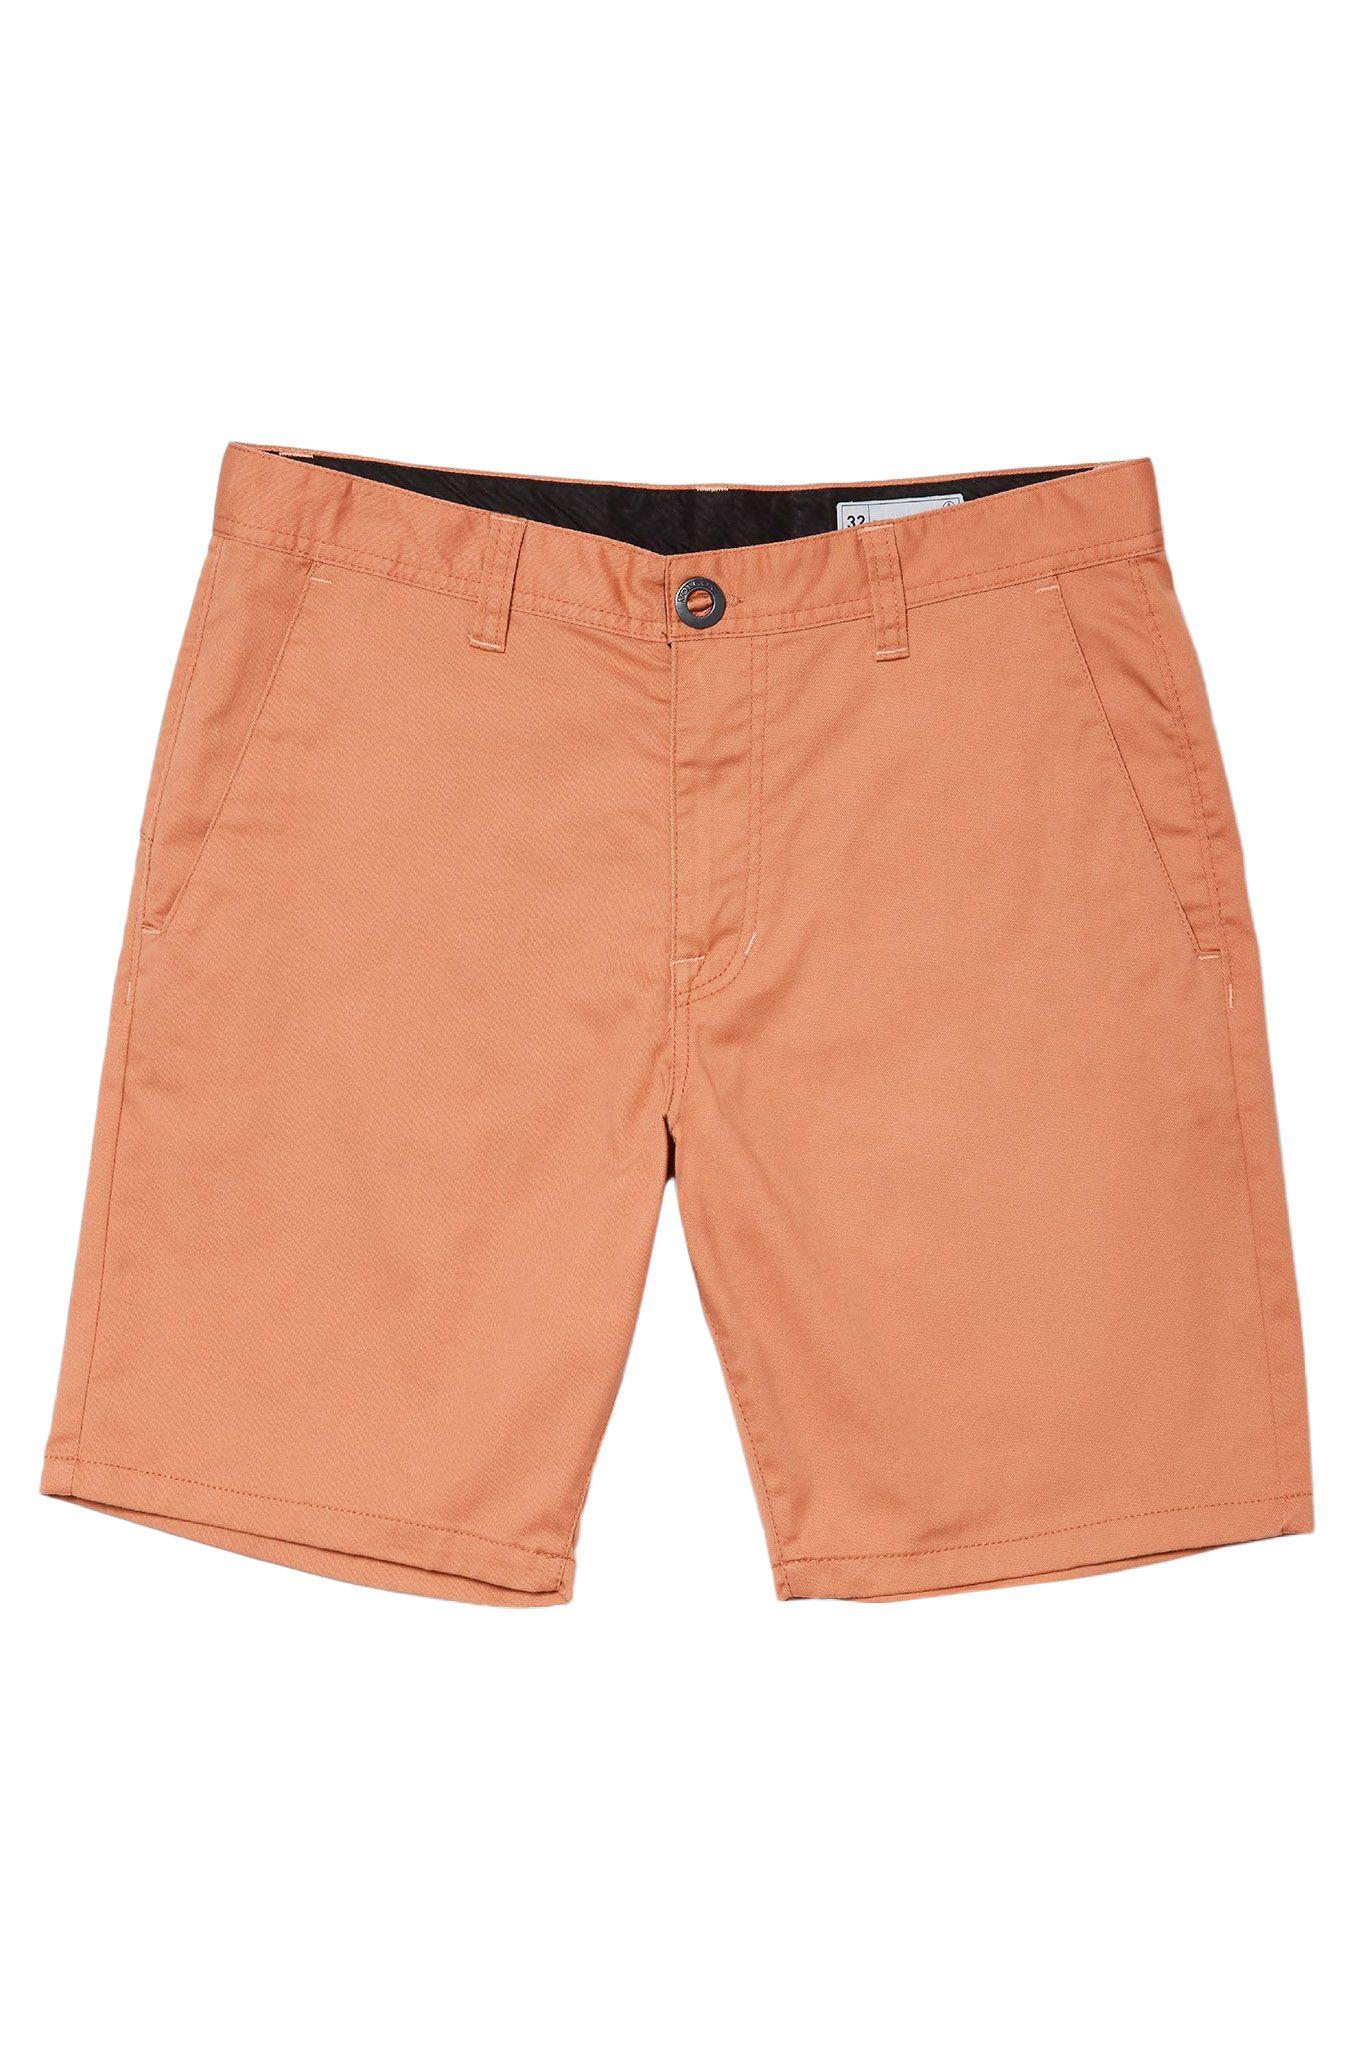 Volcom Walkshorts FRICKIN MDRN STCH 19 Clay Orange